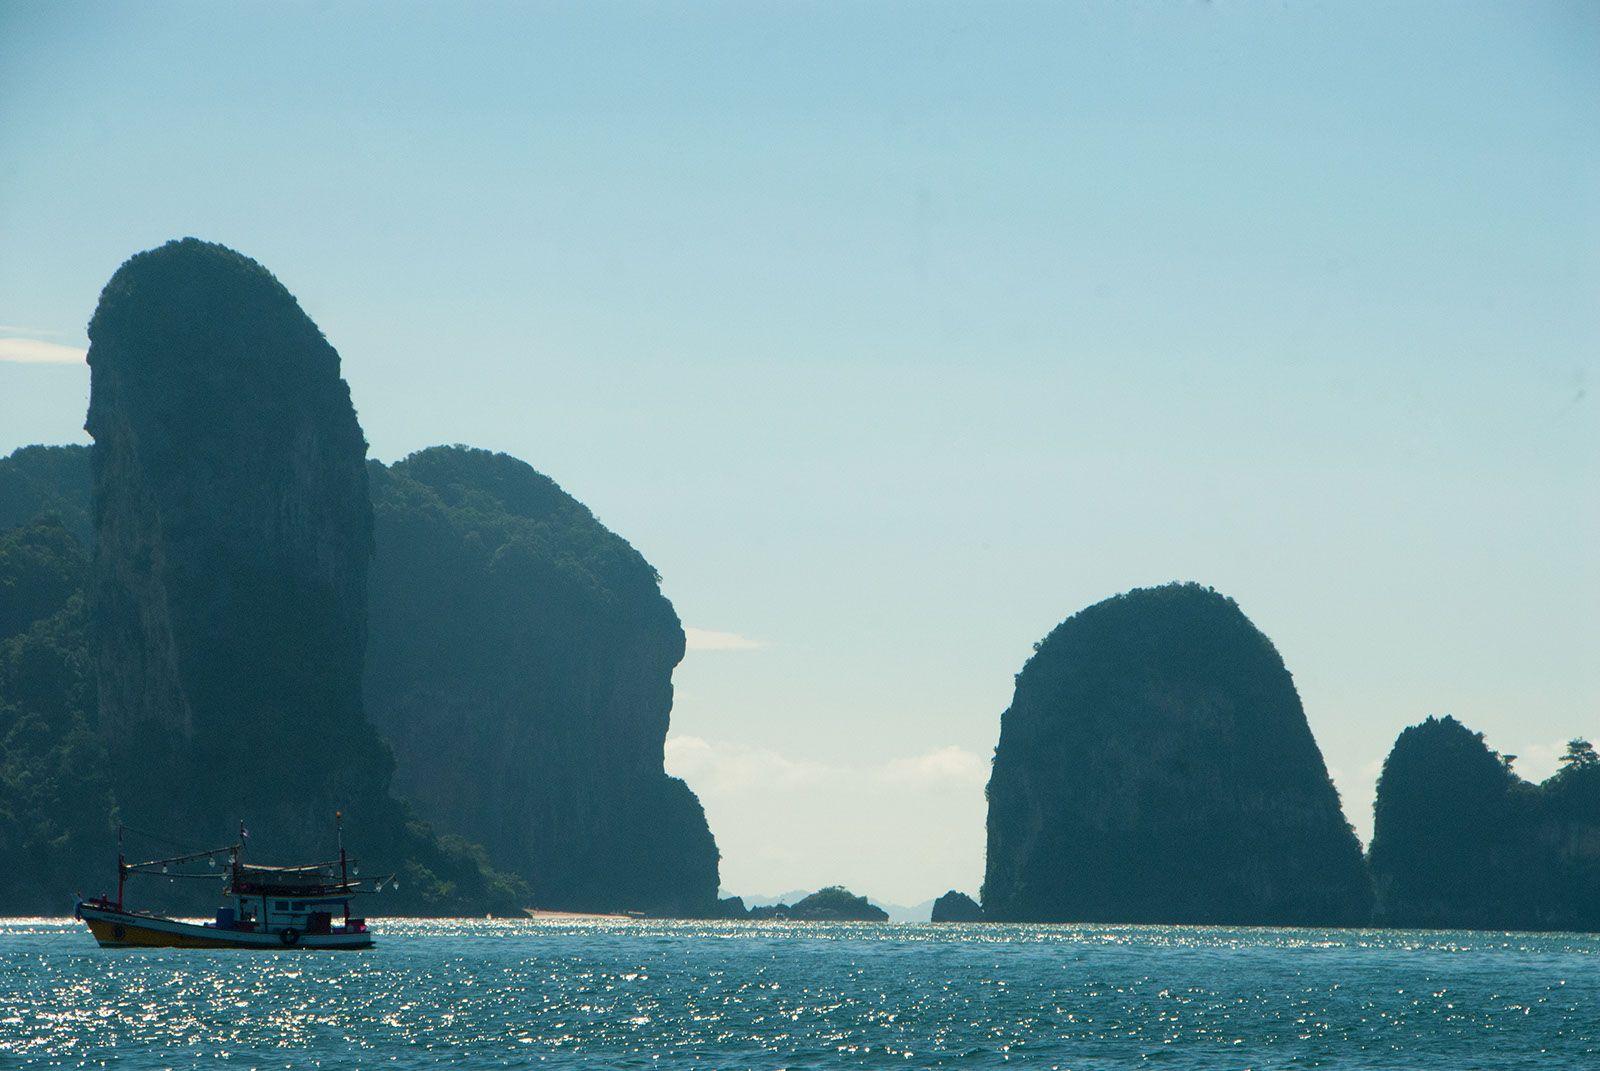 تعرف على الجزر الأربعة القريبة من كرابي | سيف للسفر و السياحة